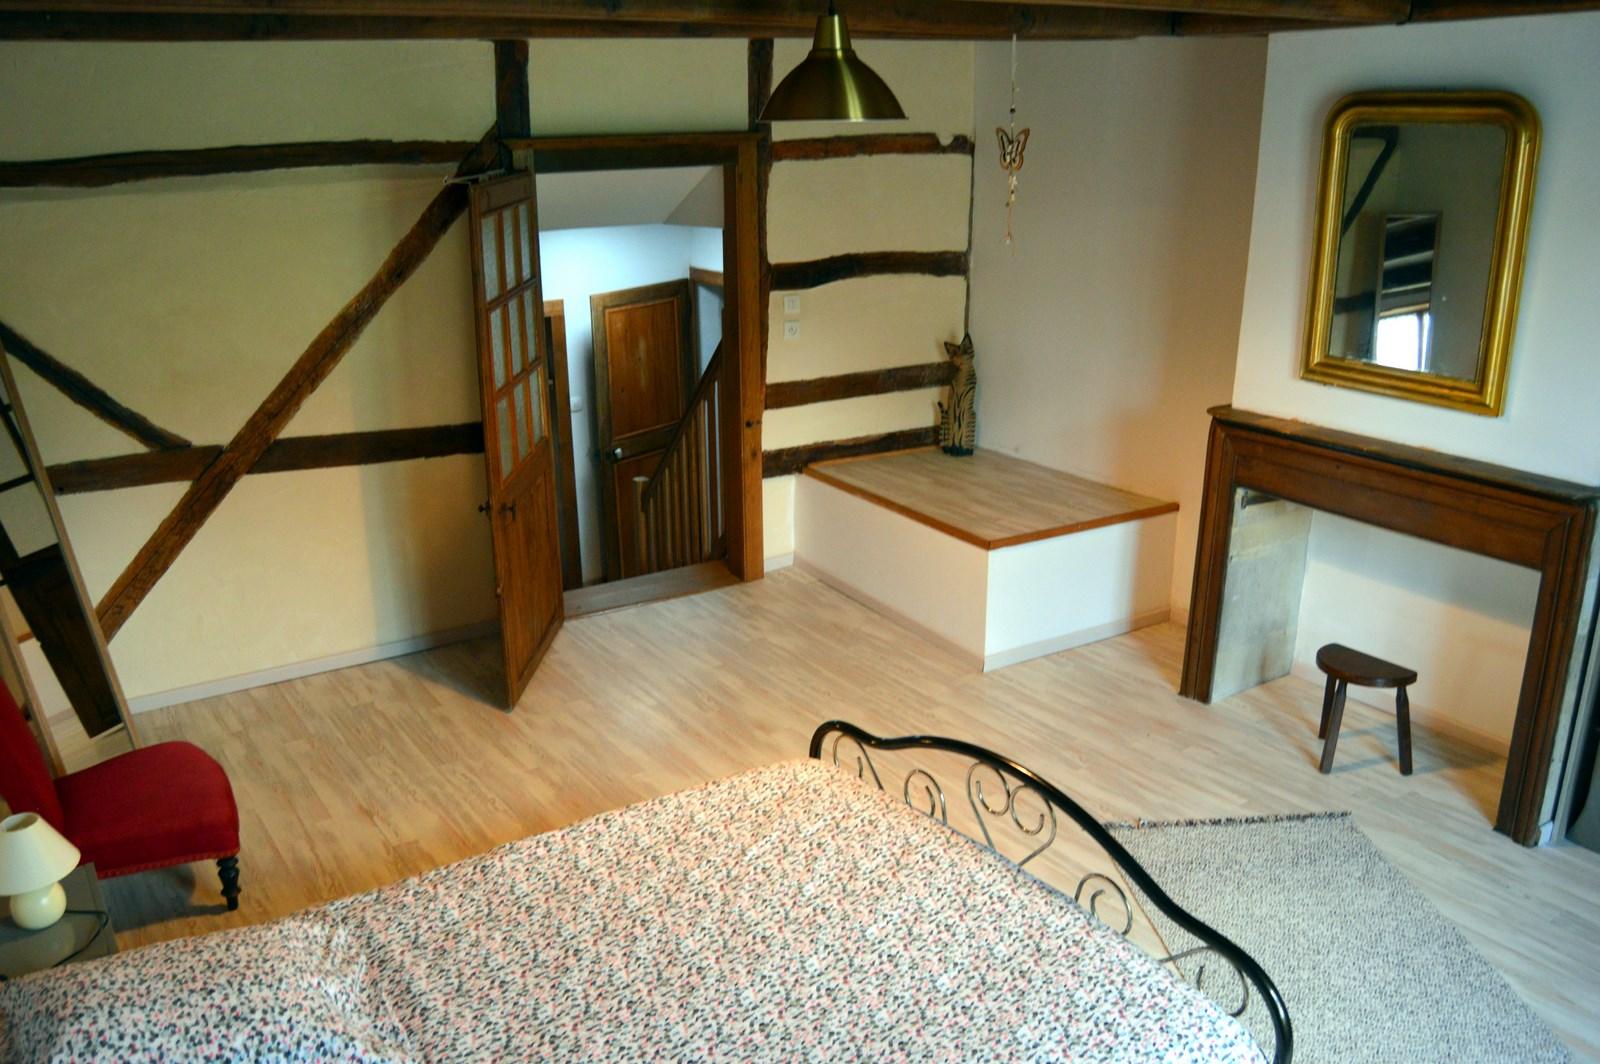 Chambre - lit de 140 - location de vacances - Région Grand-Est